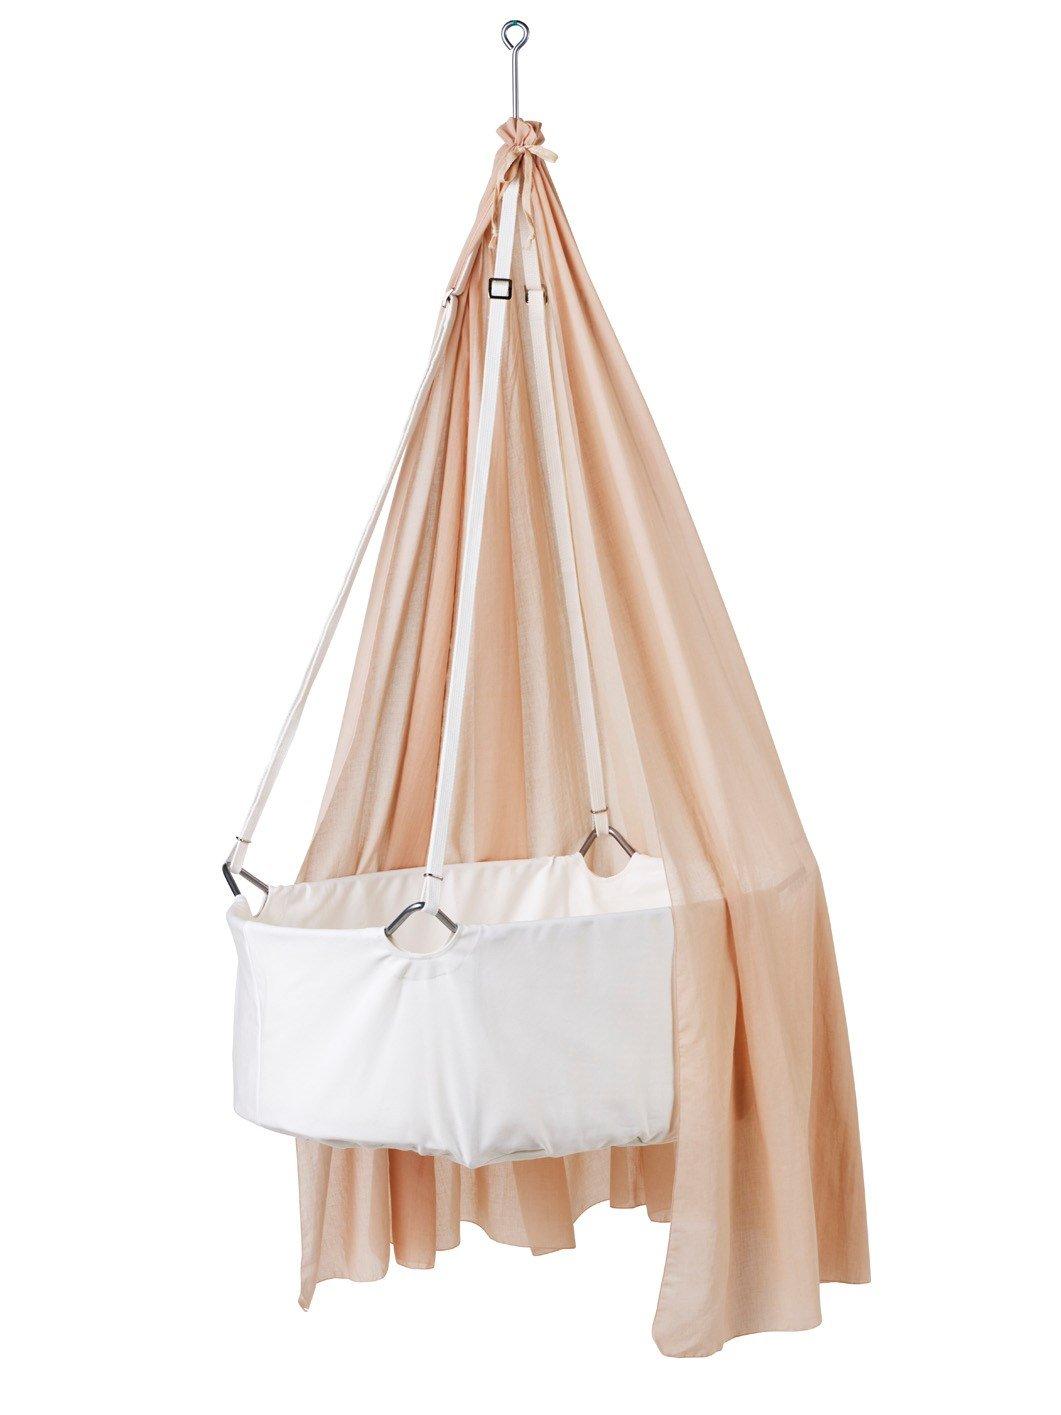 Leander Wiege - Babywiege weiß inkl. Matratze und Deckenhaken - mit Himmel (Schleier) soft pink